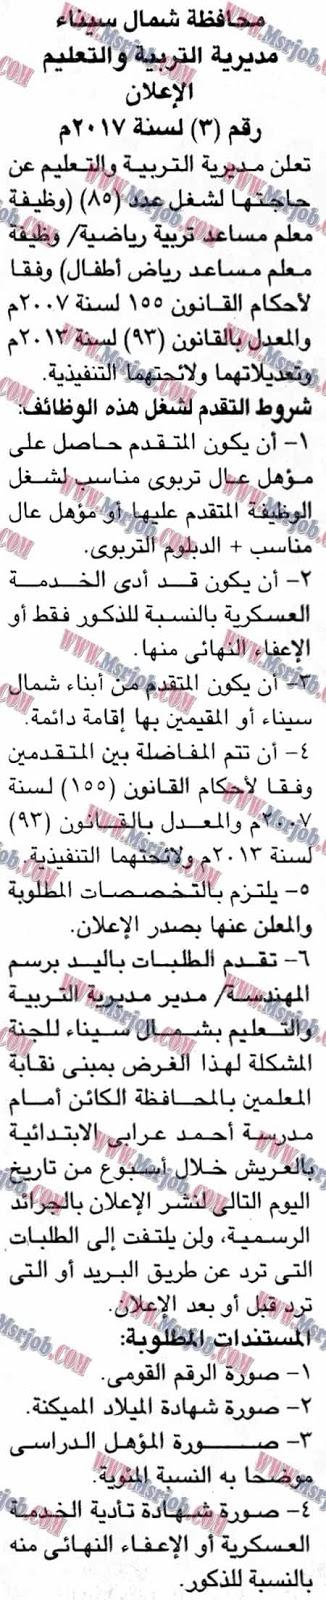 الاعلان الرسمي لوظائف وزارة التربية والتعليم - منشور اليوم بالجمهورية 11 / 10 / 2017